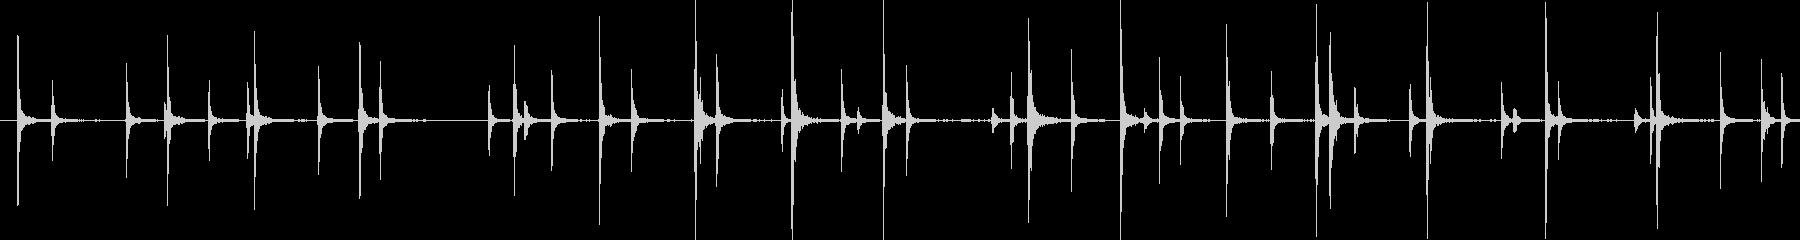 ハルポップはほうきで外装サブを打つの未再生の波形